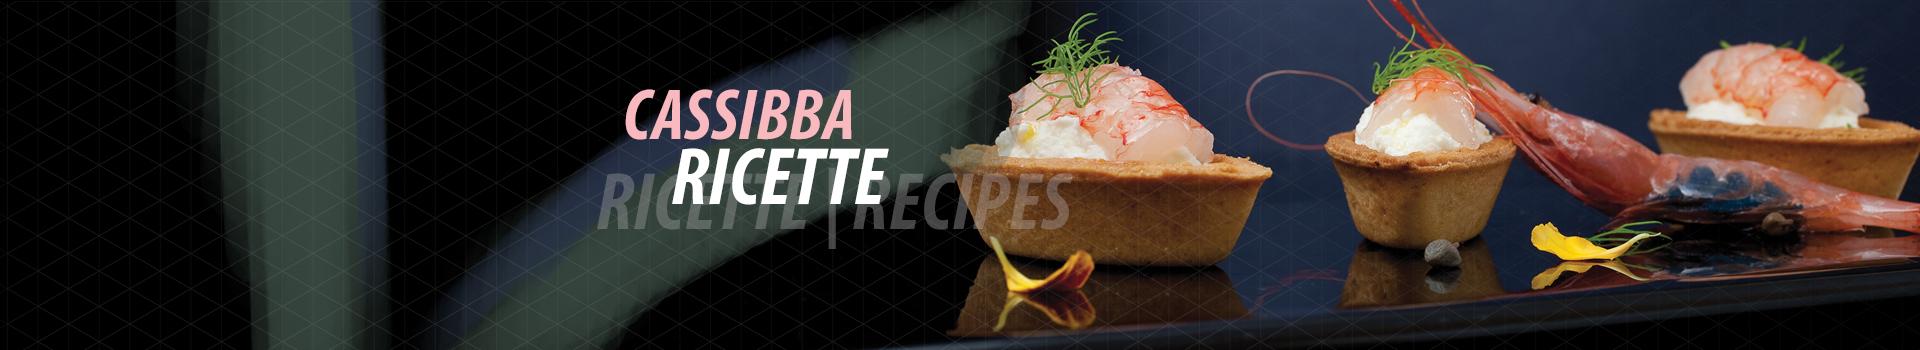 Ricette dolci e salate   Cassibba   Prodotti